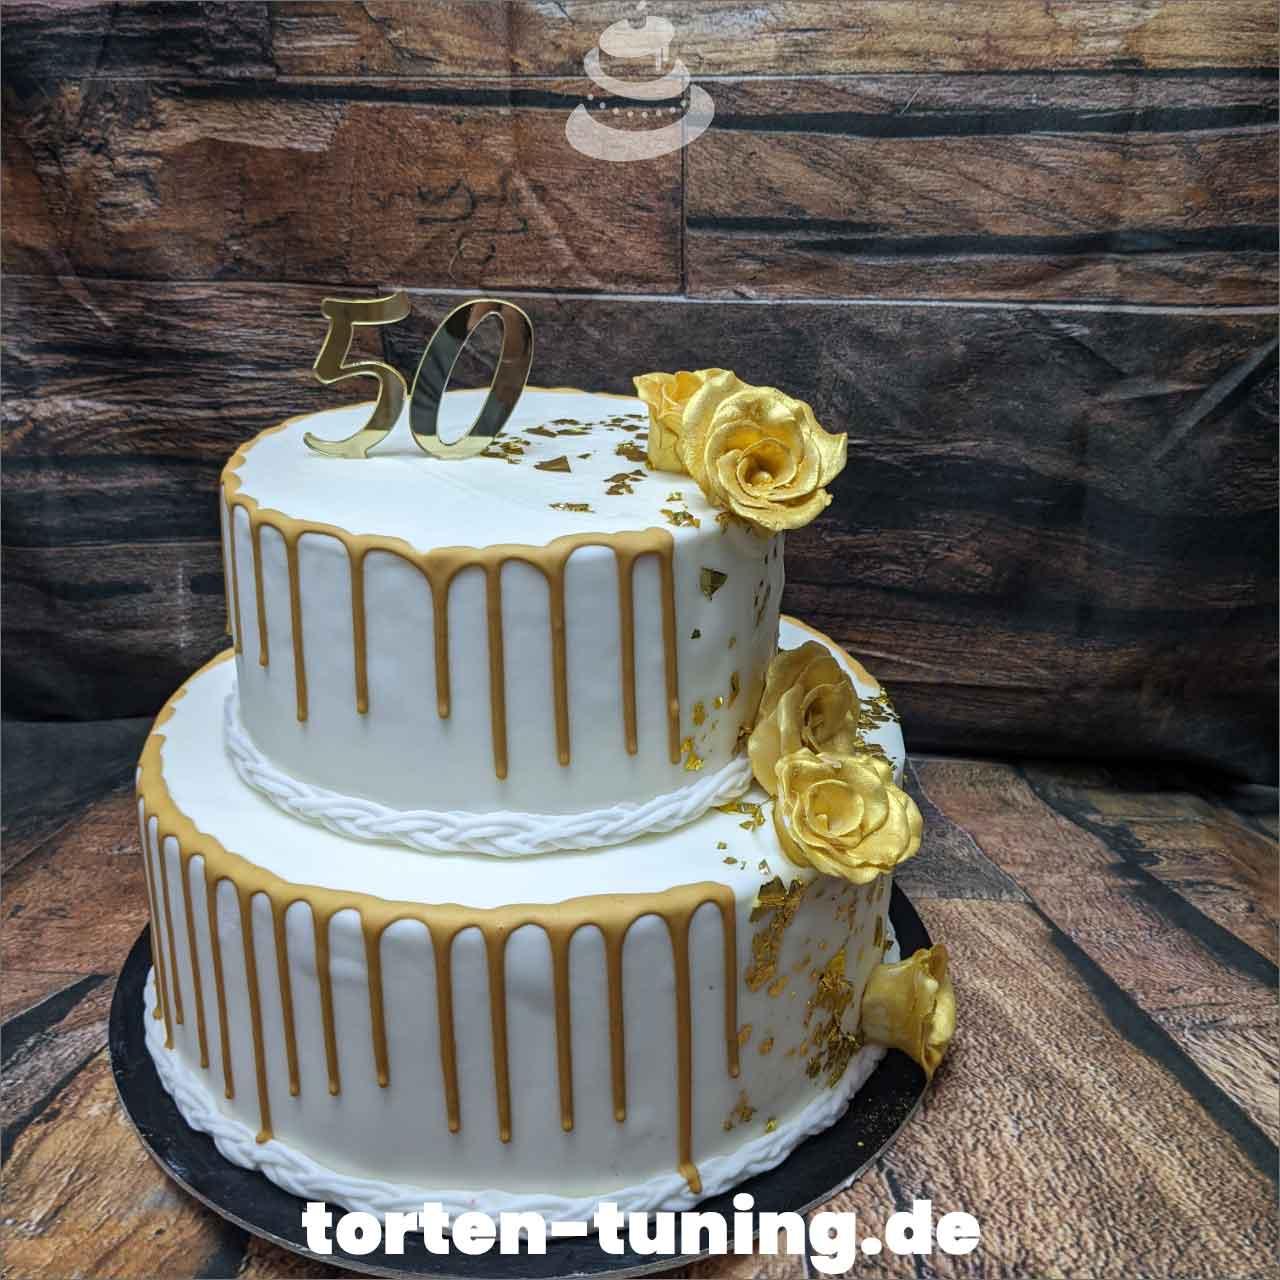 Goldene Hochzeit goldener Drip Dripcake Obsttorte Geburtstagstorte Motivtorte Torte Tortendekoration Torte online bestellen Suhl Thüringen Torten Tuning Sahnetorte Tortenfiguren Cake Topper